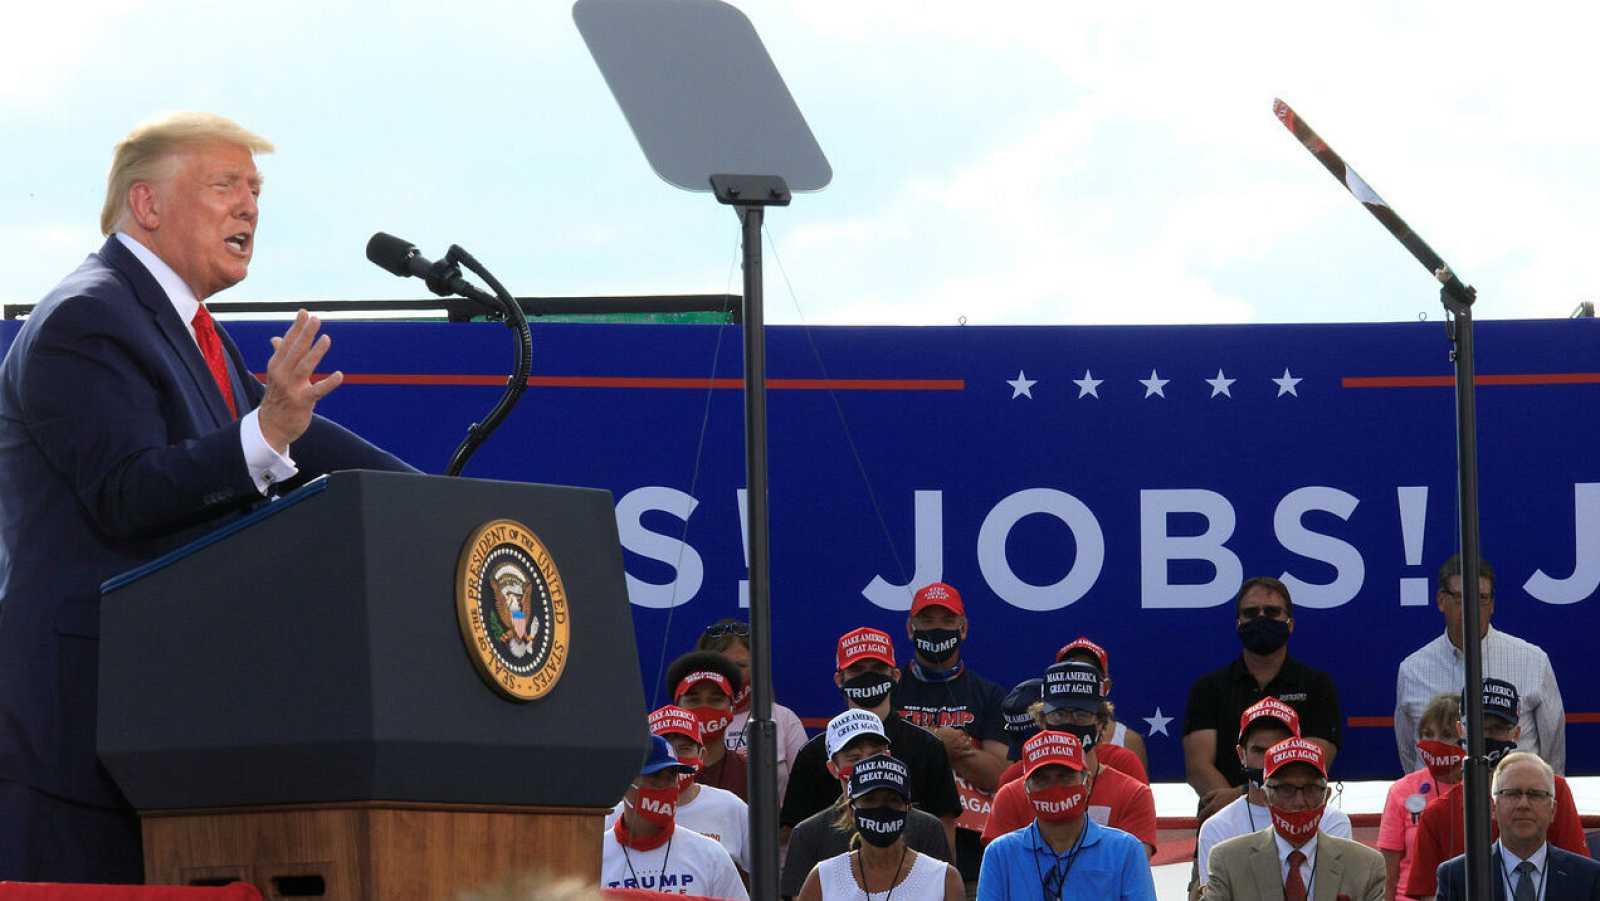 El presidente de Estados Unidos, Donald Trump, pronuncia un discurso en Basler Flight Service en Oshkosh, Wisconsin, Estados Unidos.